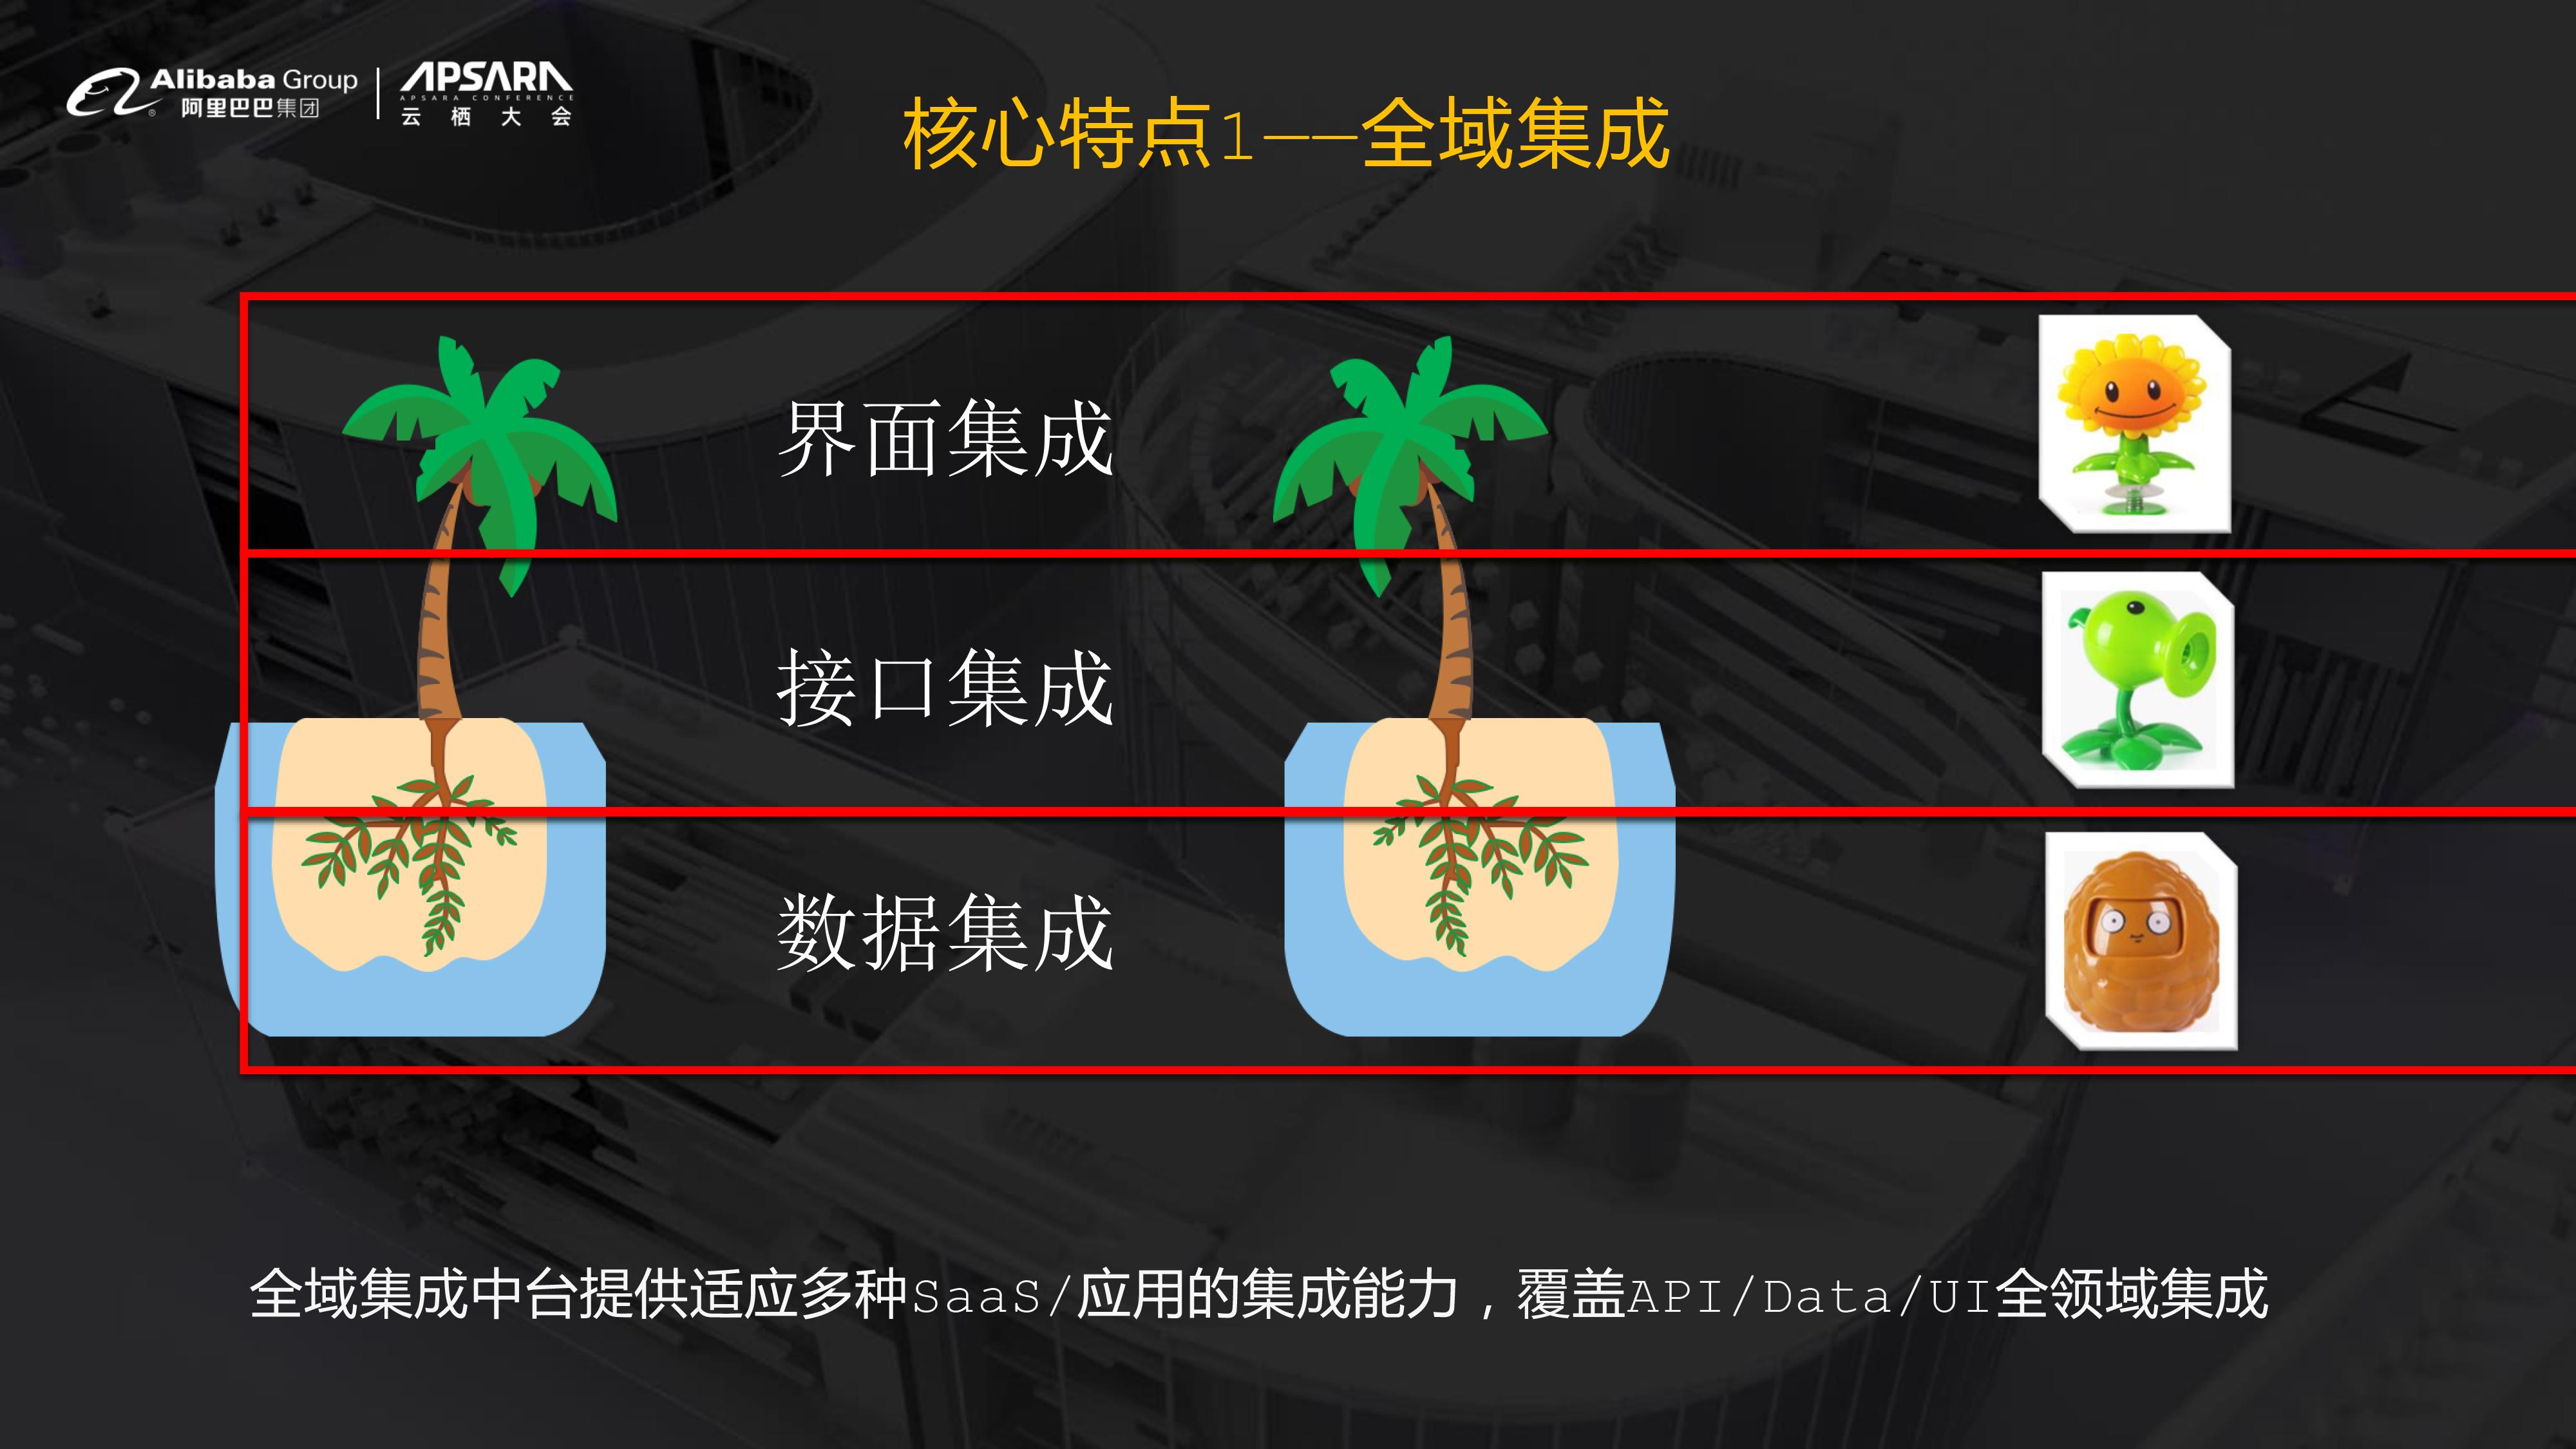 【最终】云栖大会_全域集成解决方案(1)-6.jpg